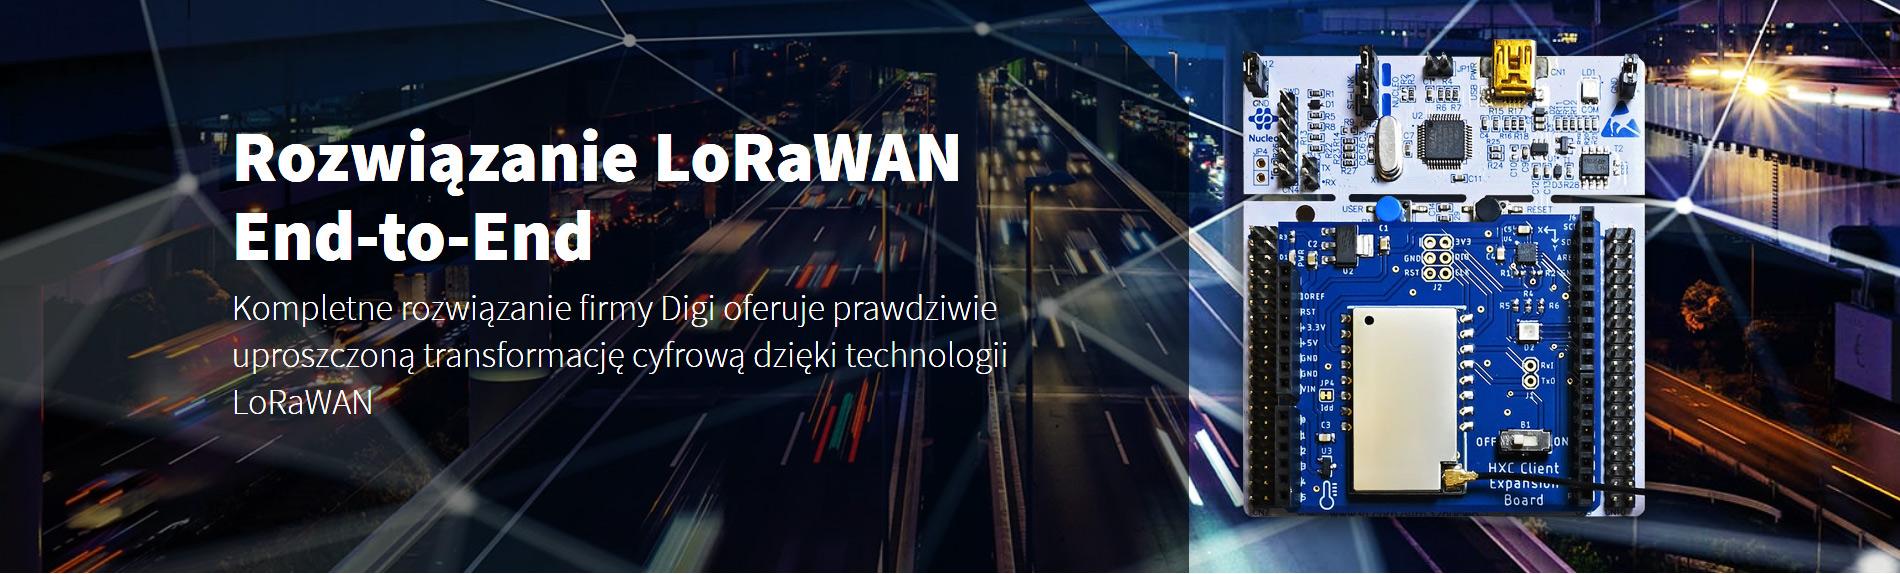 Kompletne rozwiązanie firmy Digi oferuje prawdziwie uproszczoną transformację cyfrową dzięki technologii LoRaWAN - Digi LoRaWAN Starter Kit (#XON-9-L1-KIT-001)